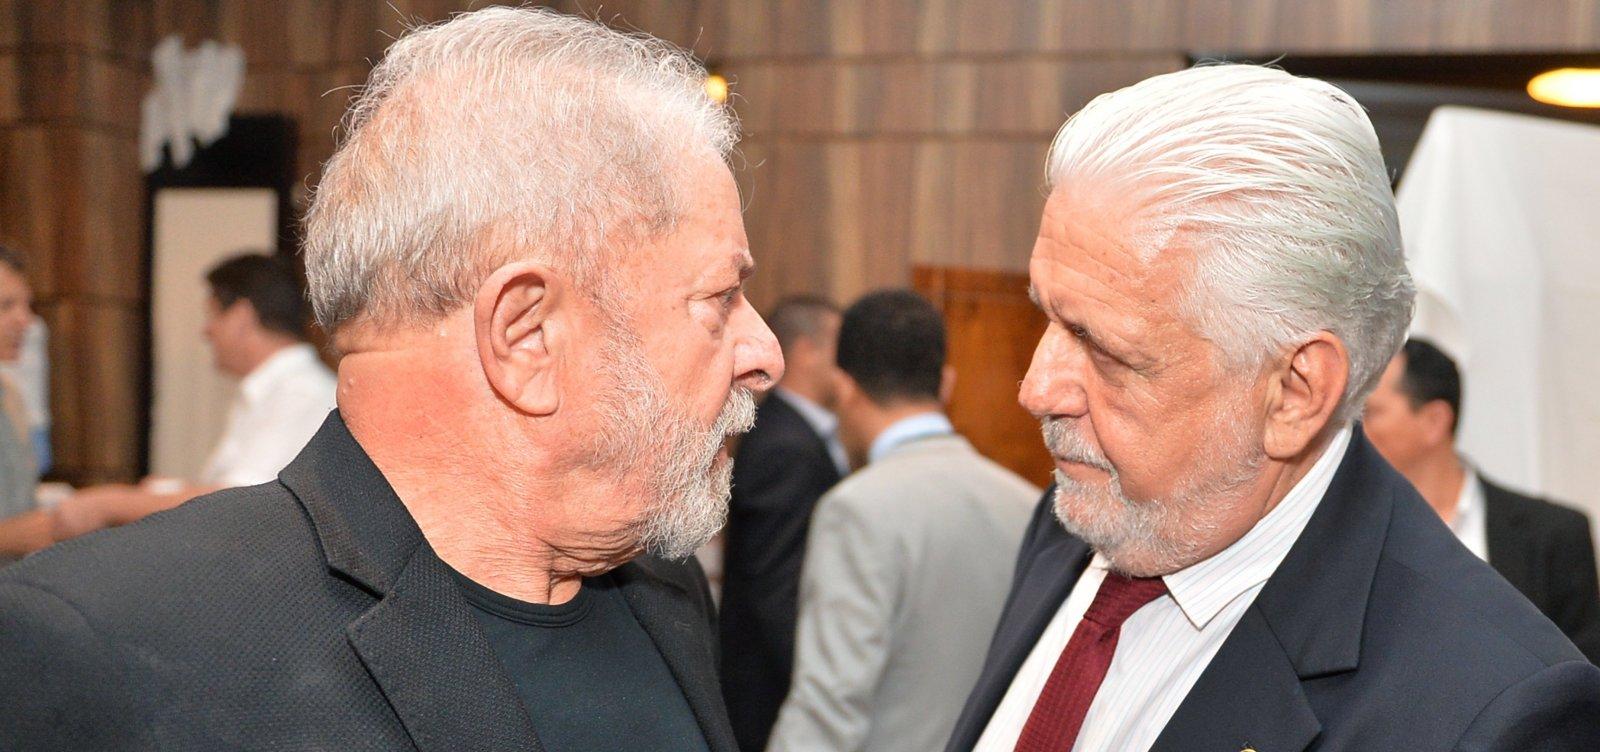 [Wagner defende renovação no PT e alfineta Lula: 'Não vou ficar refém dele']